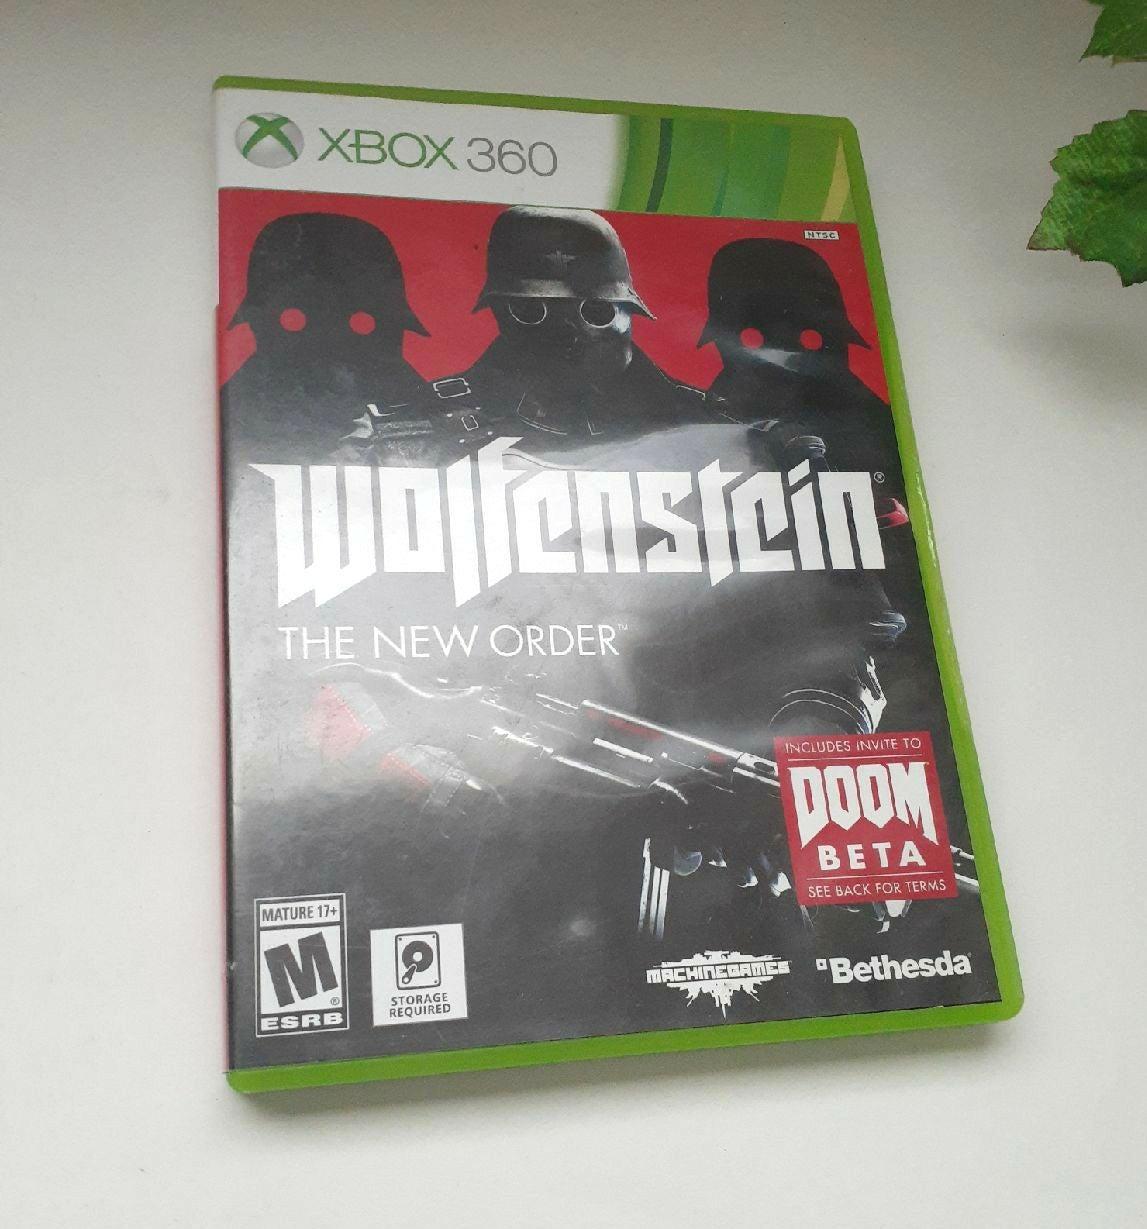 Wolfenstein: The New Order on Xbox 360